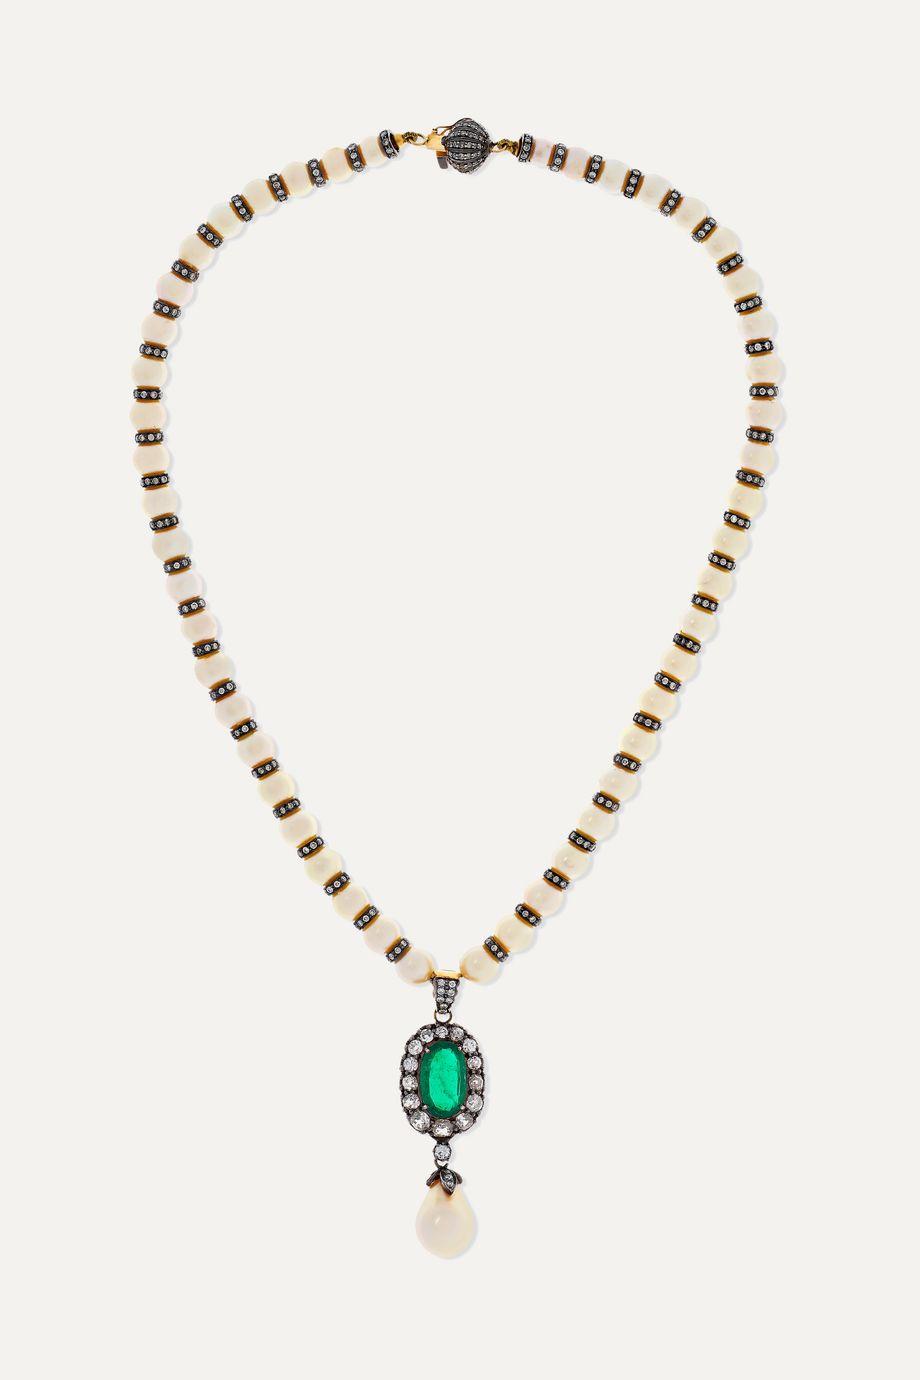 Amrapali Kette aus 18 Karat Gold mit rhodinierten Details und mehreren Steinen